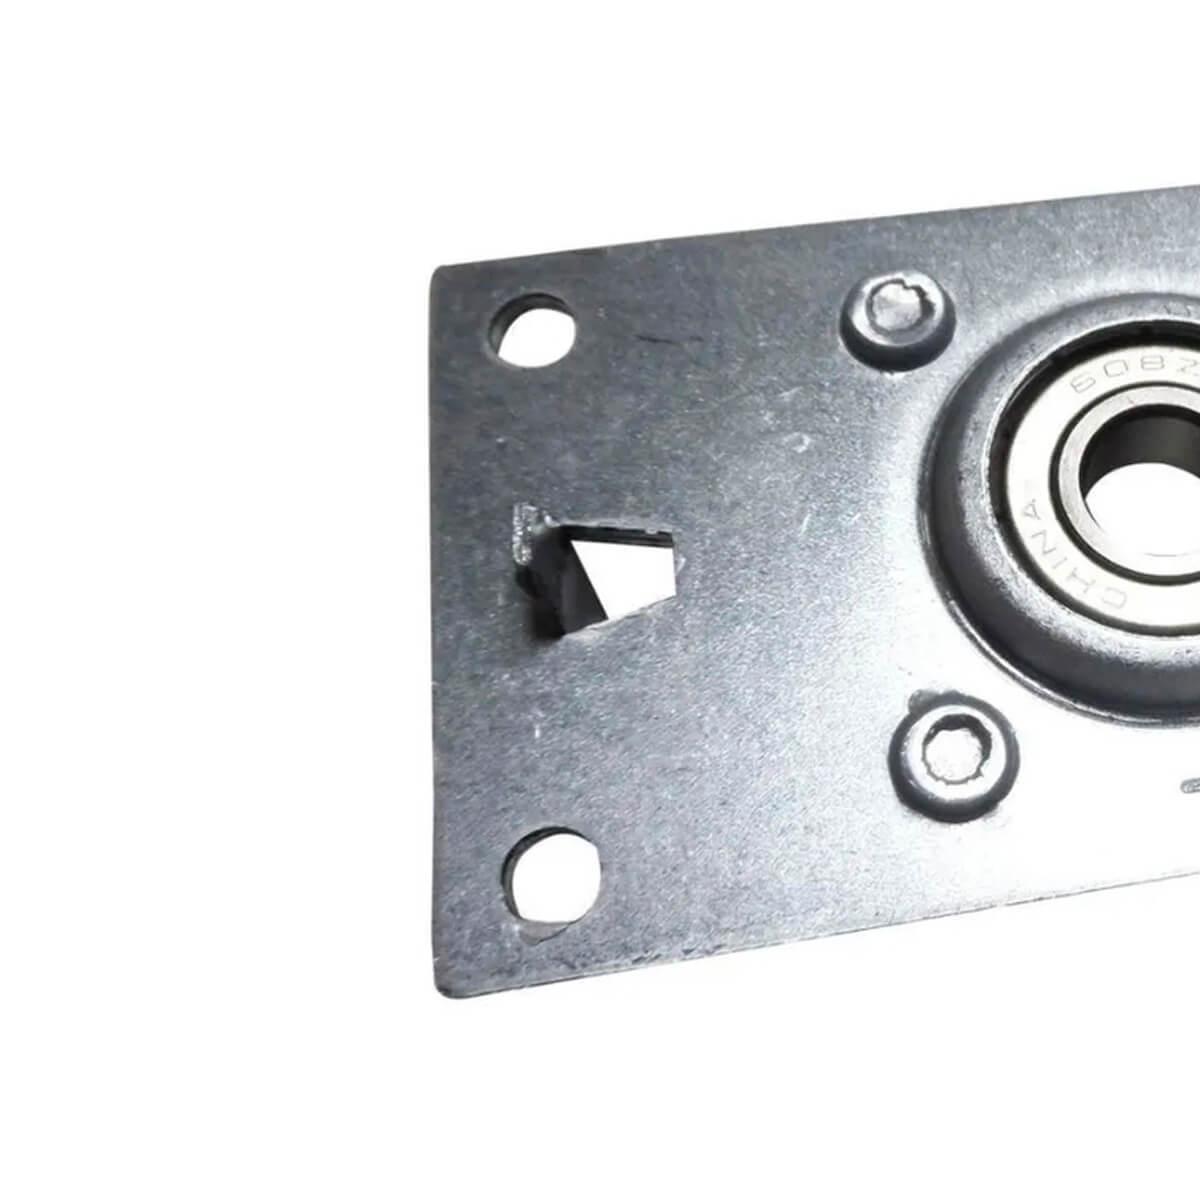 Mancal Do Cesto Com Rolamento Para Secadora De Roupas Electrolux ST11 STR10 ST10  - 14800076